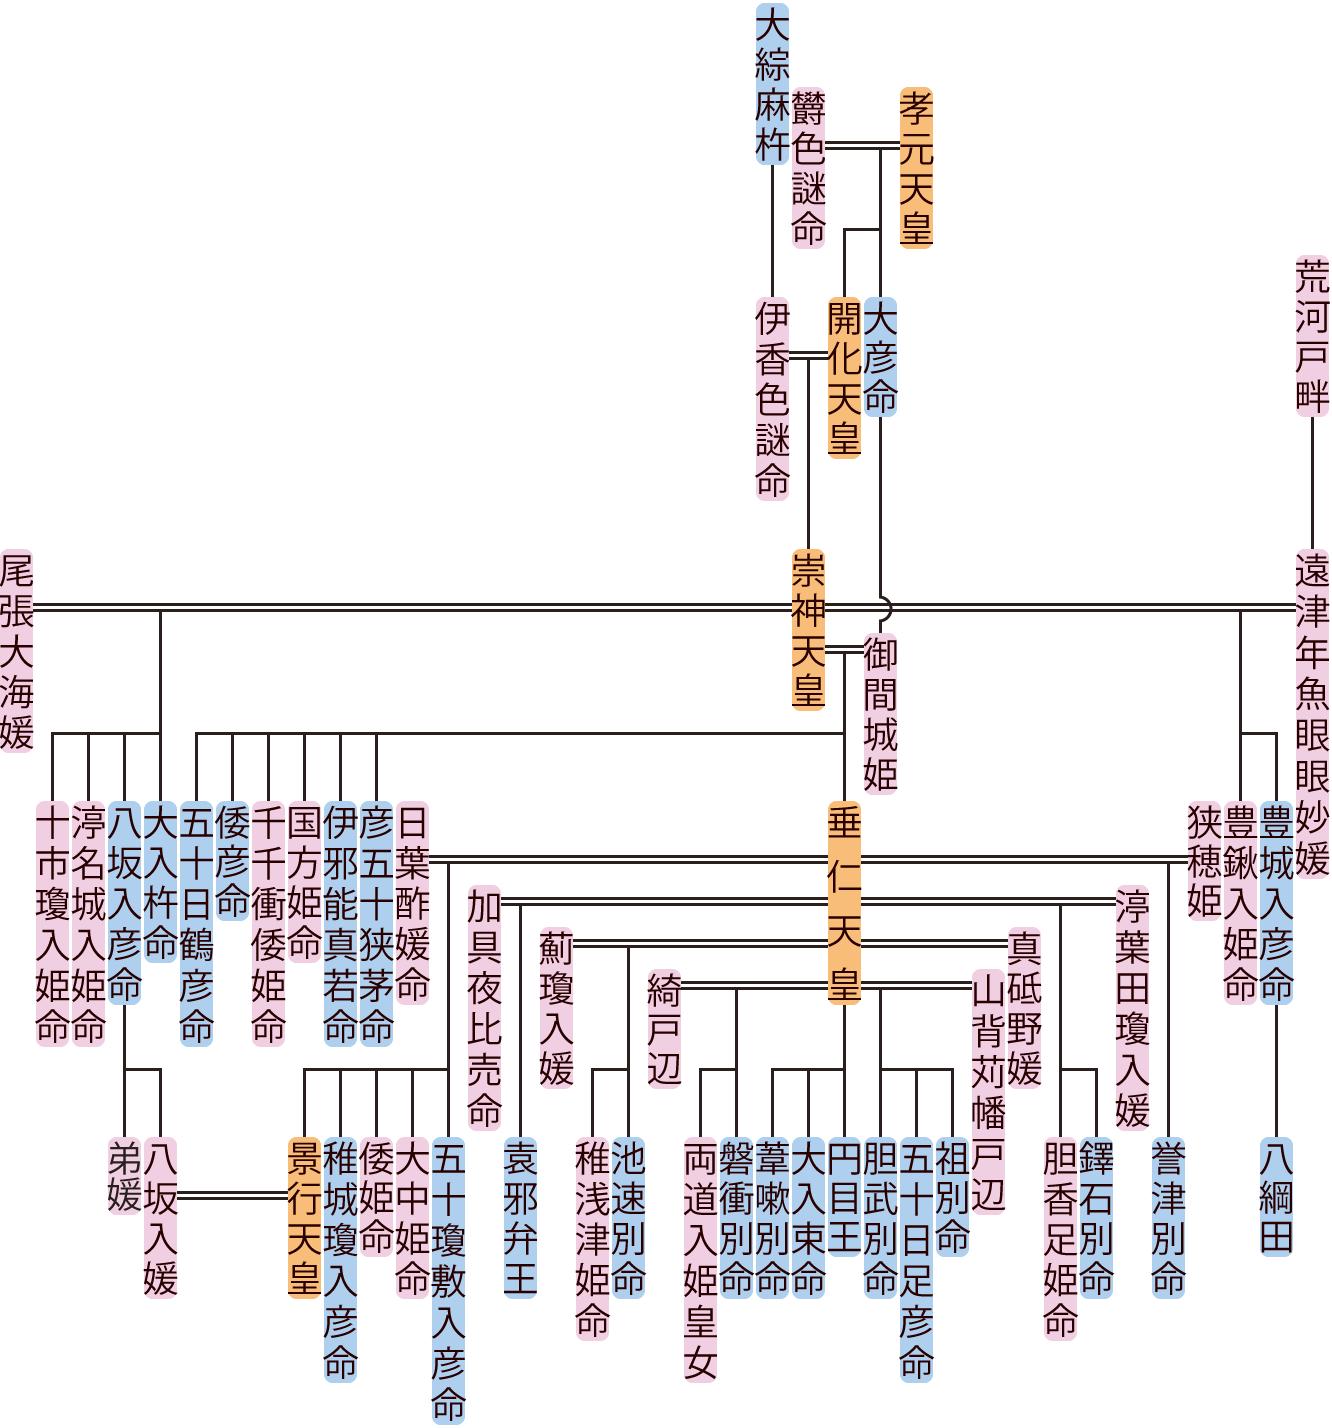 崇神天皇の系図